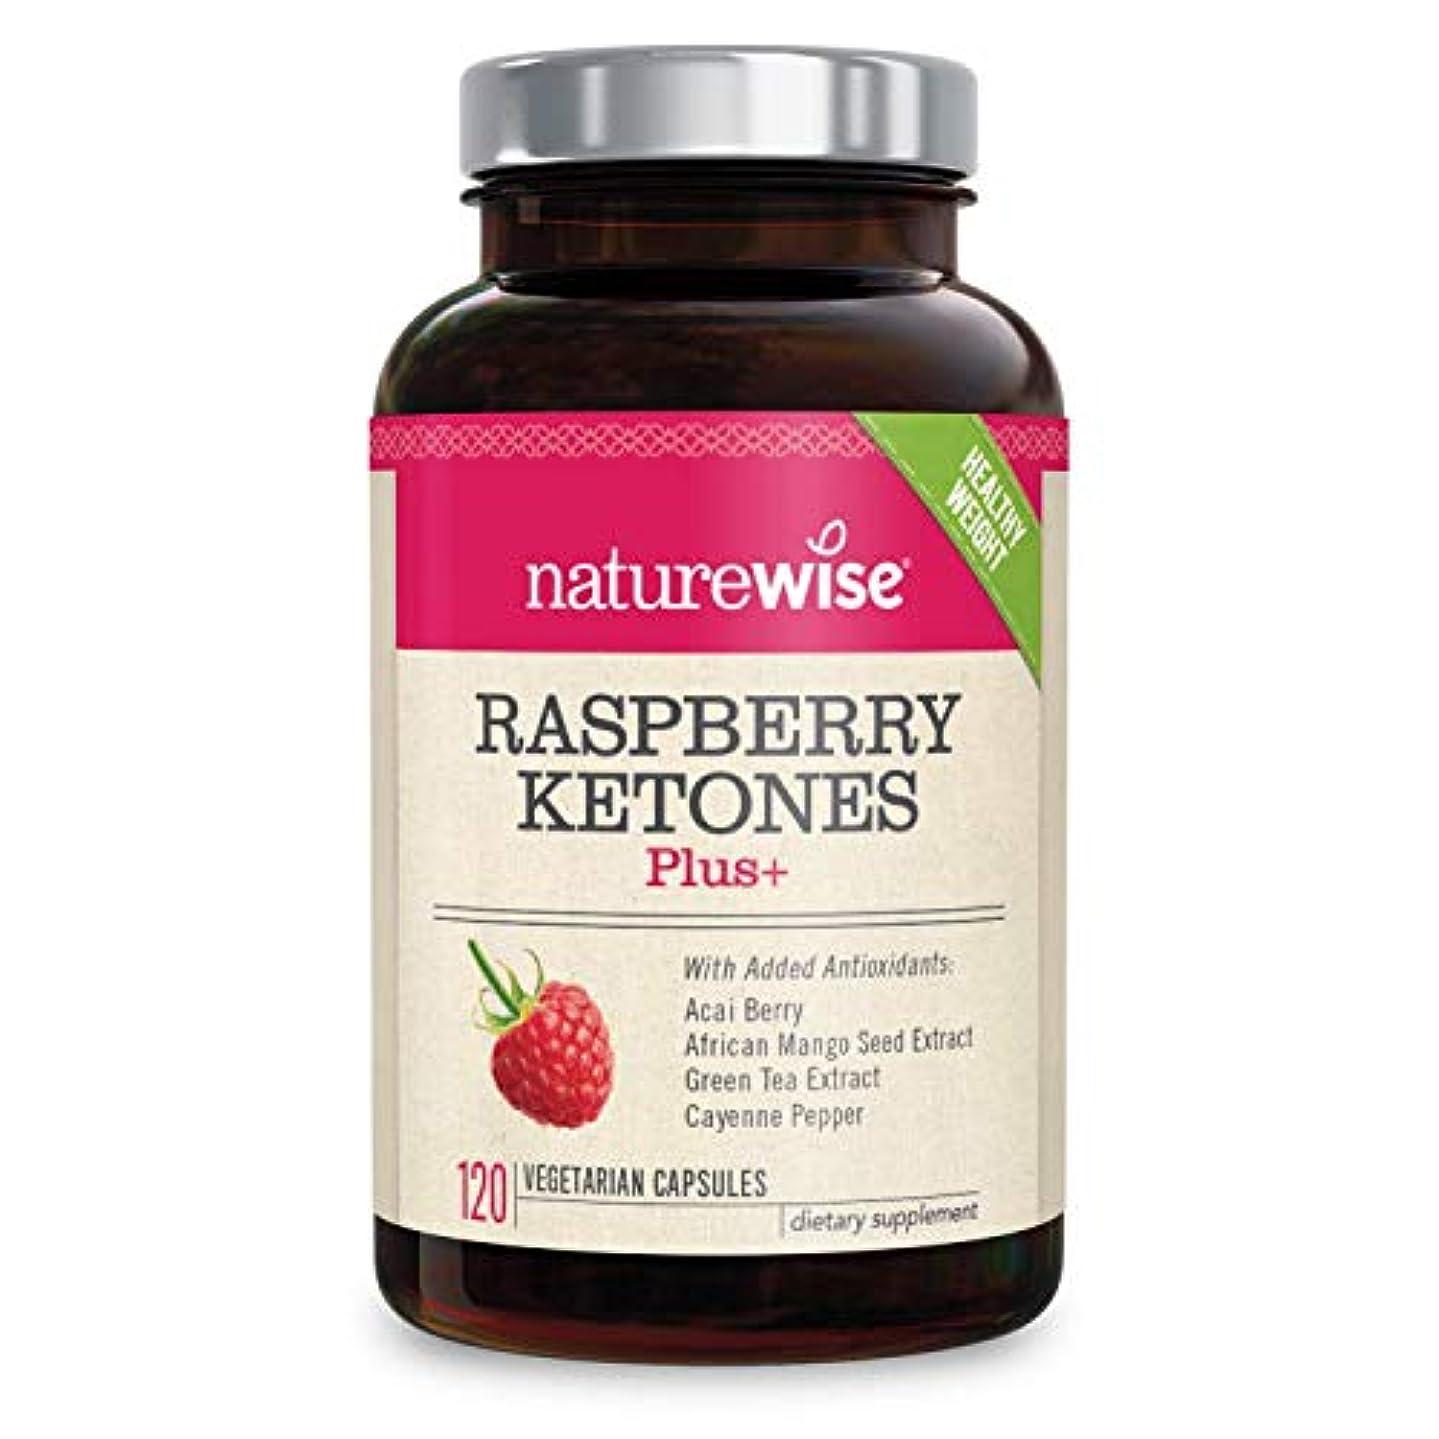 空港アプトドラマNatureWise Raspberry Ketones Plus ラズベリー ケトン プラス ケトジェニック ダイエット サプリ 120粒/60日分 [海外直送品]